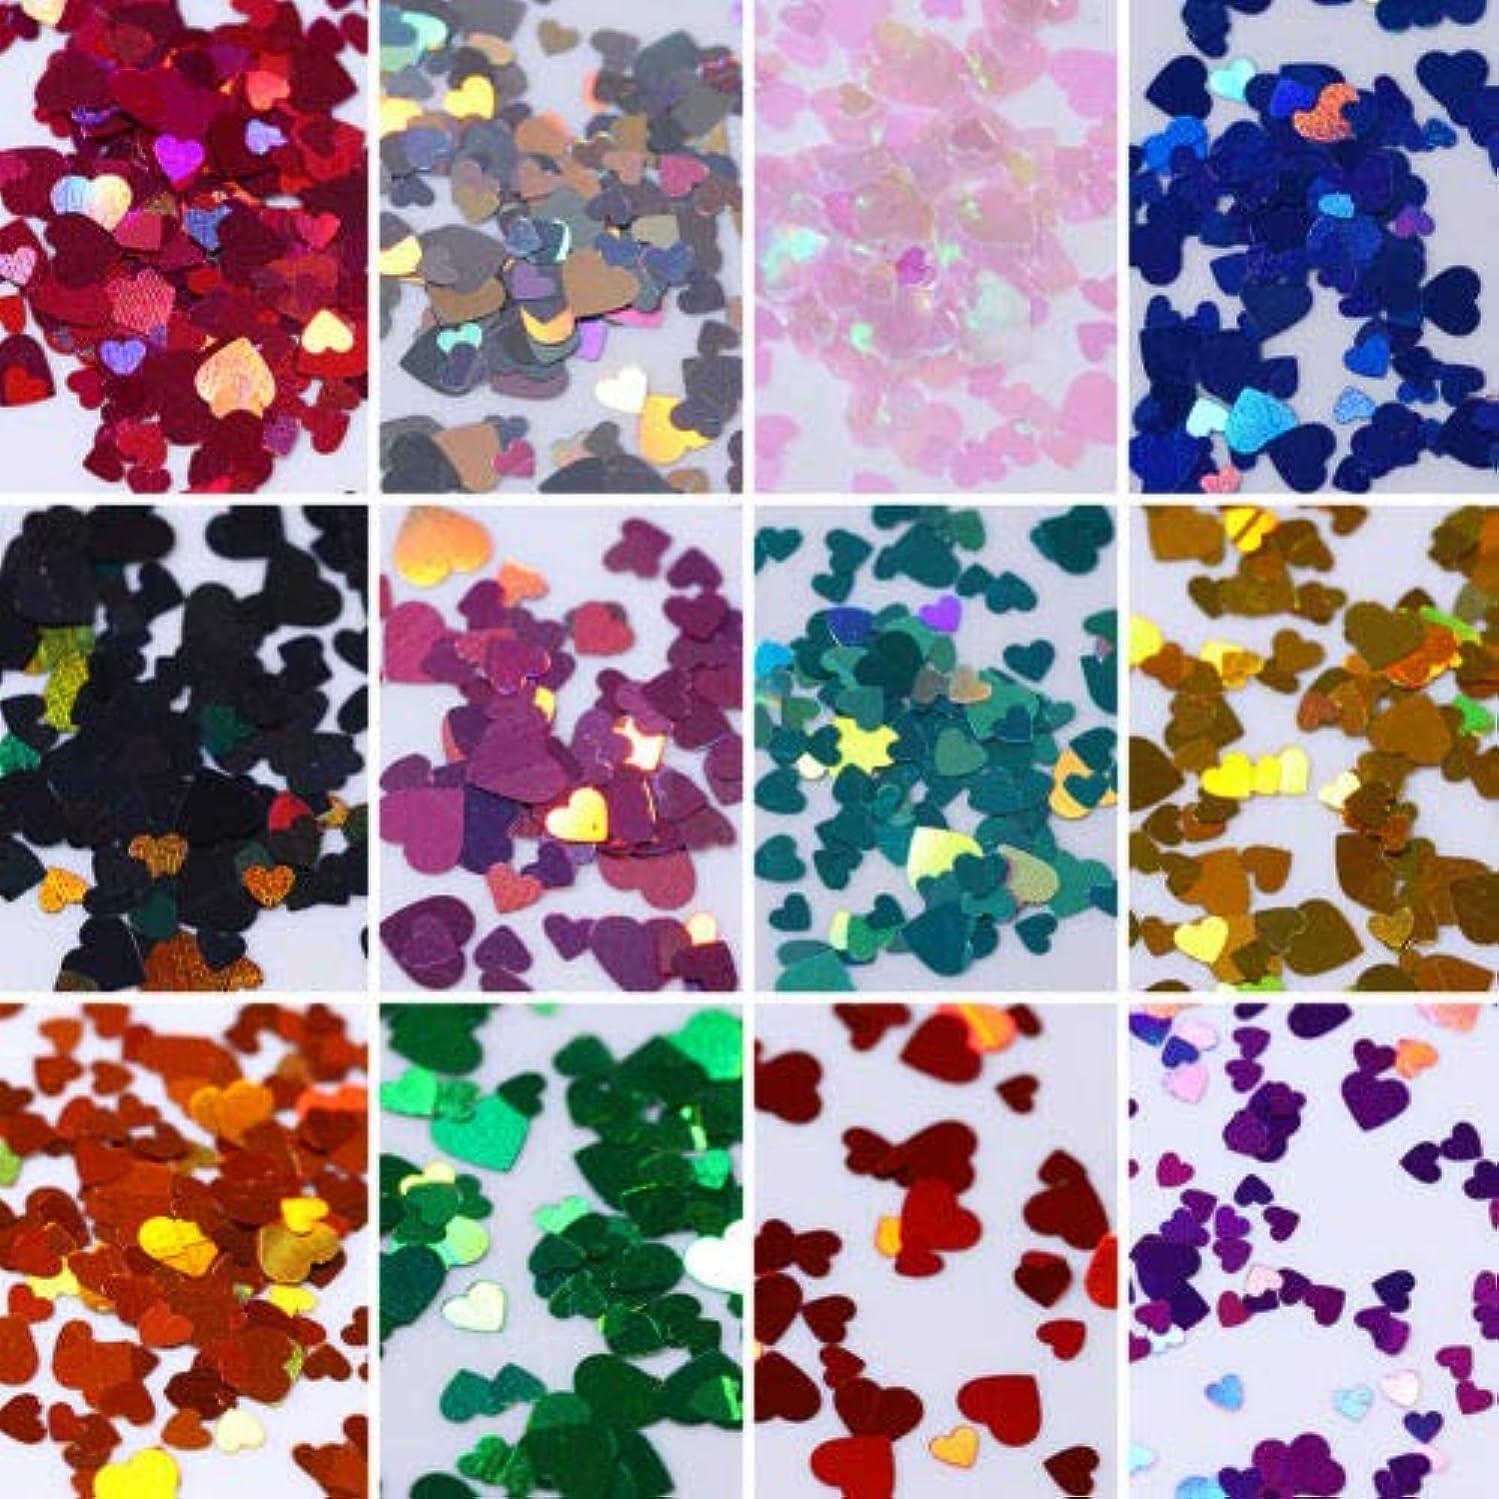 うんざり松明バスタブFidgetGear 12箱カラフルなホログラフィックネイルアートグリッタースパンコール虹色のハートフレーク